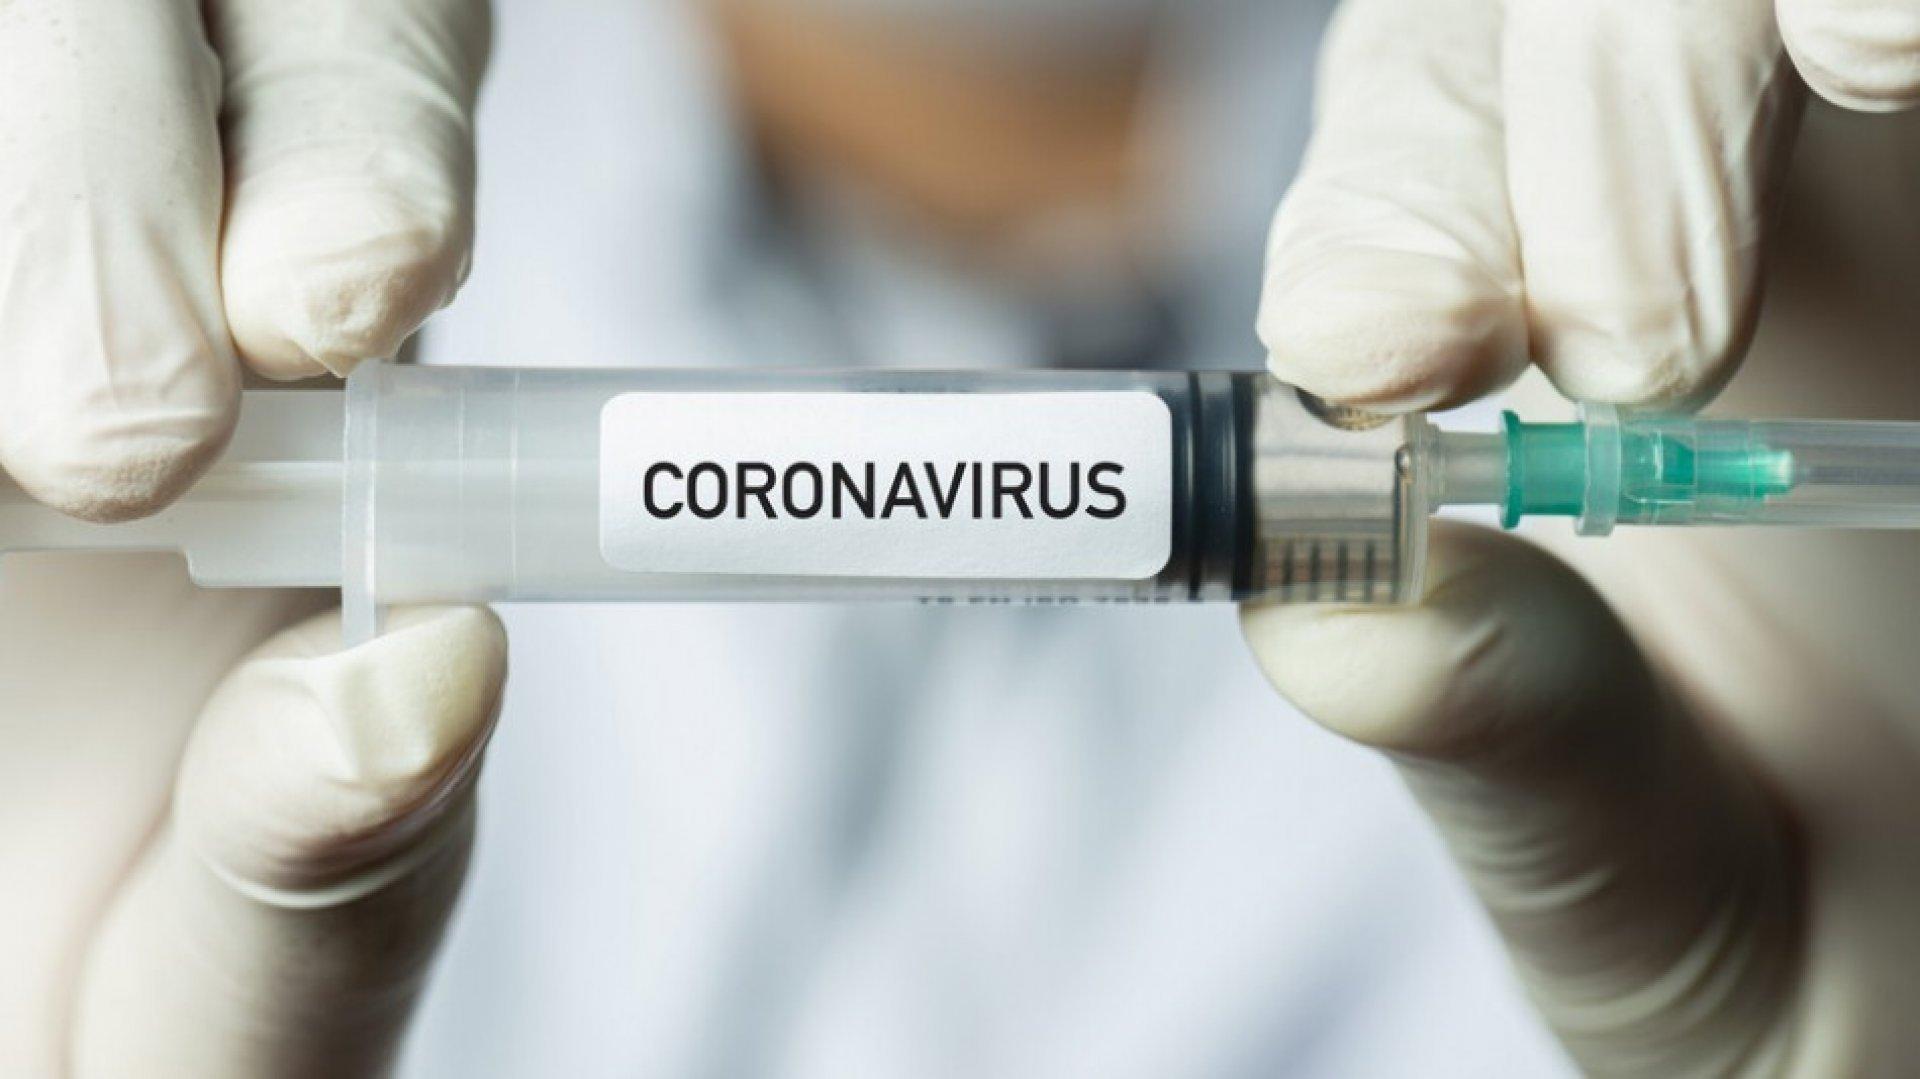 Над 20 000 са установените случаи на корона вирусна инфекция у нас. Снимката е илюстративна